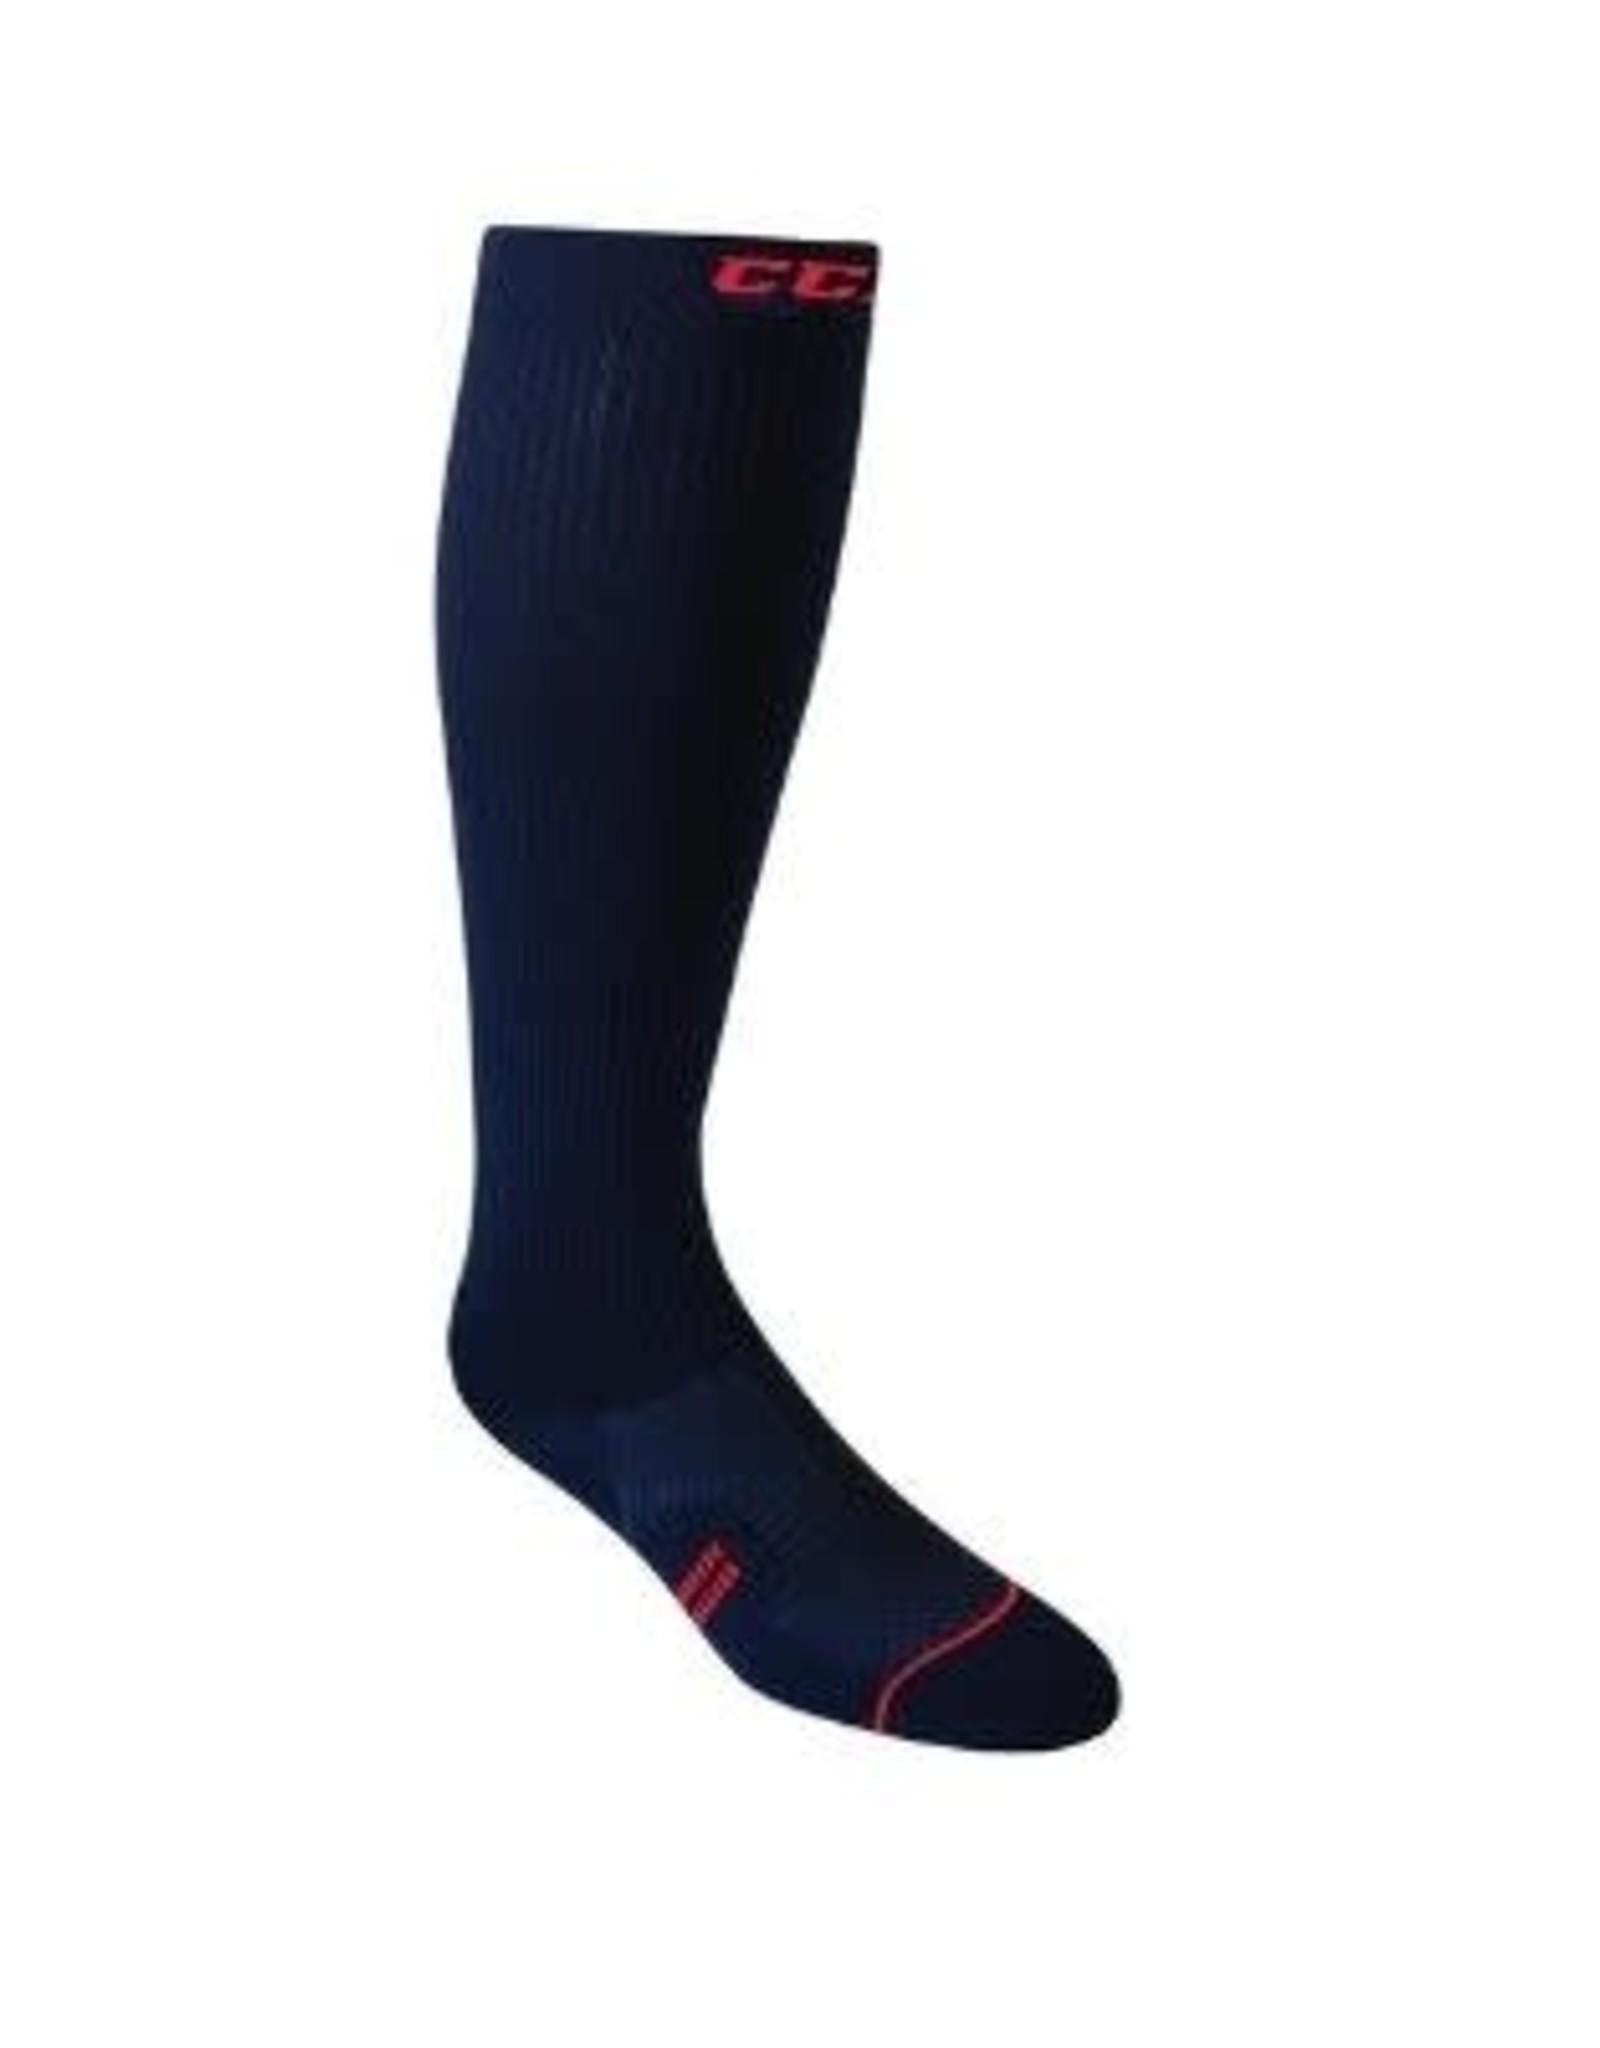 CCM CCM Proline Compression Knee Length Skate Sock